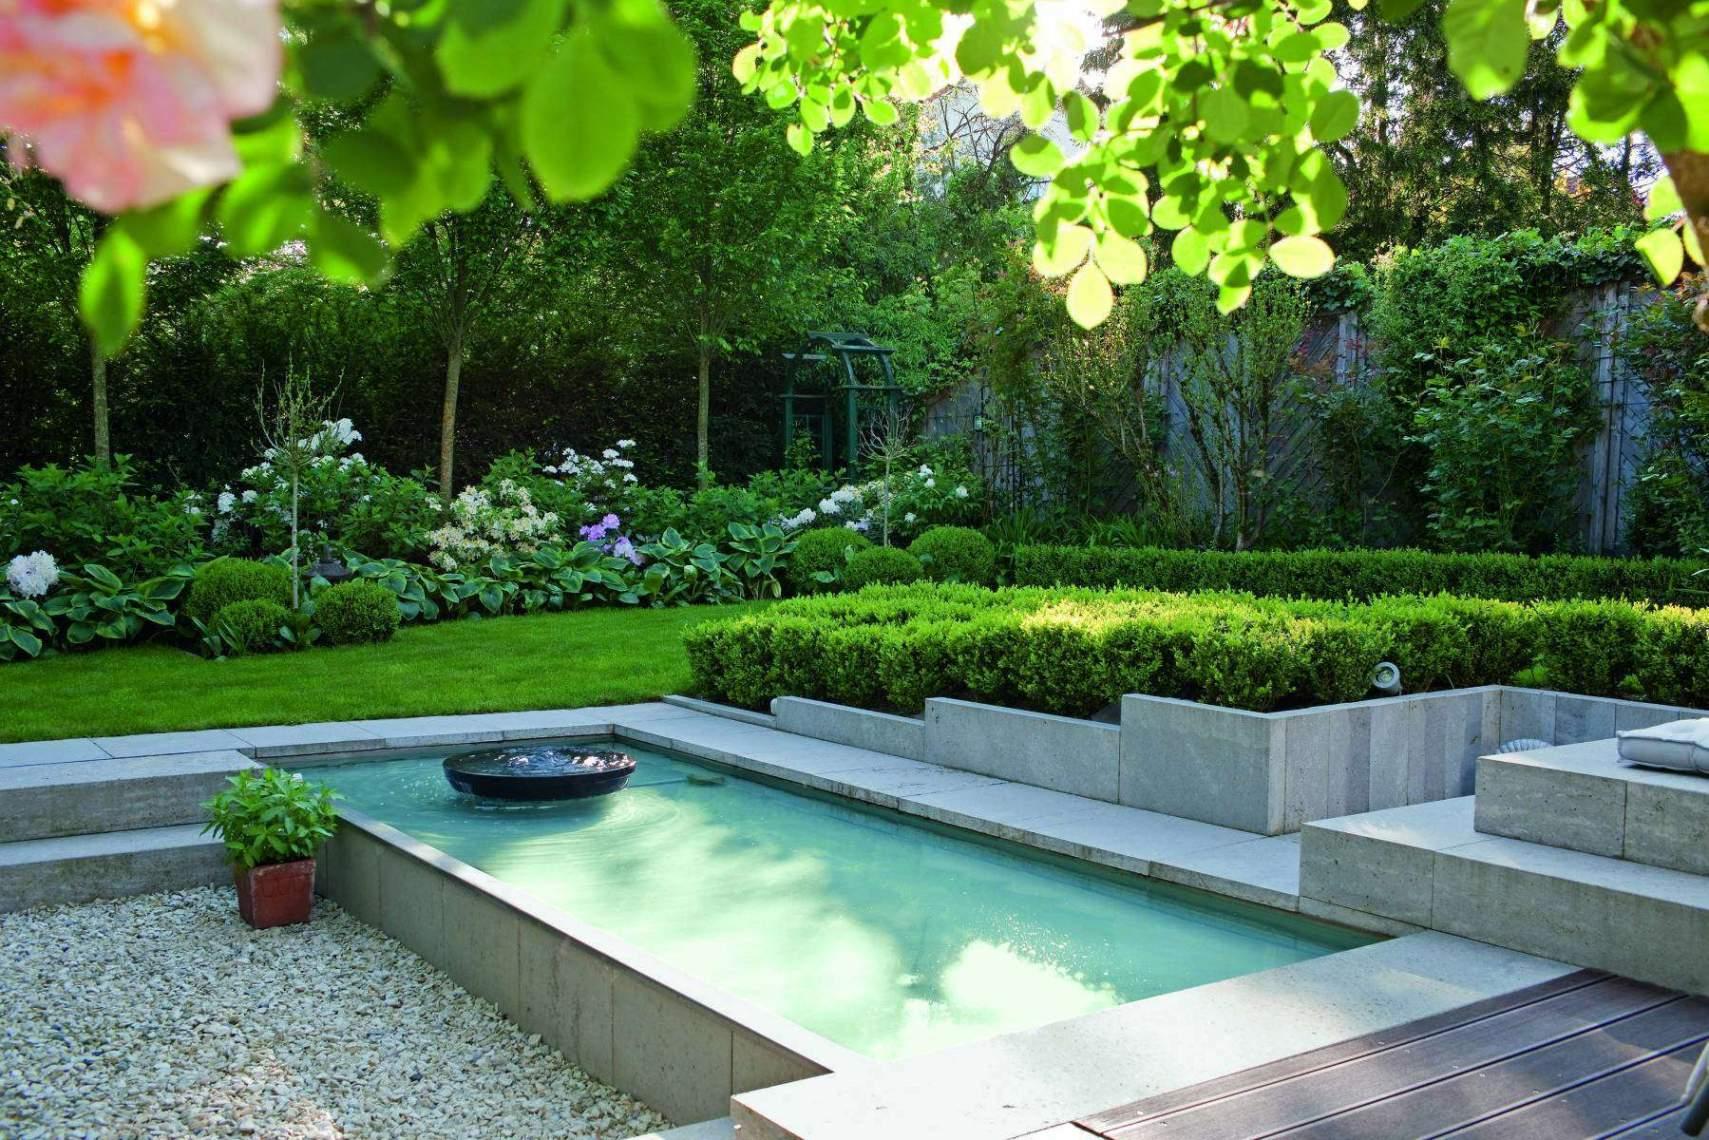 groser garten luxus gartenideen per ideen designs f c3 bcr kleine g kleine pools fur kleine garten kleine pools fur kleine garten